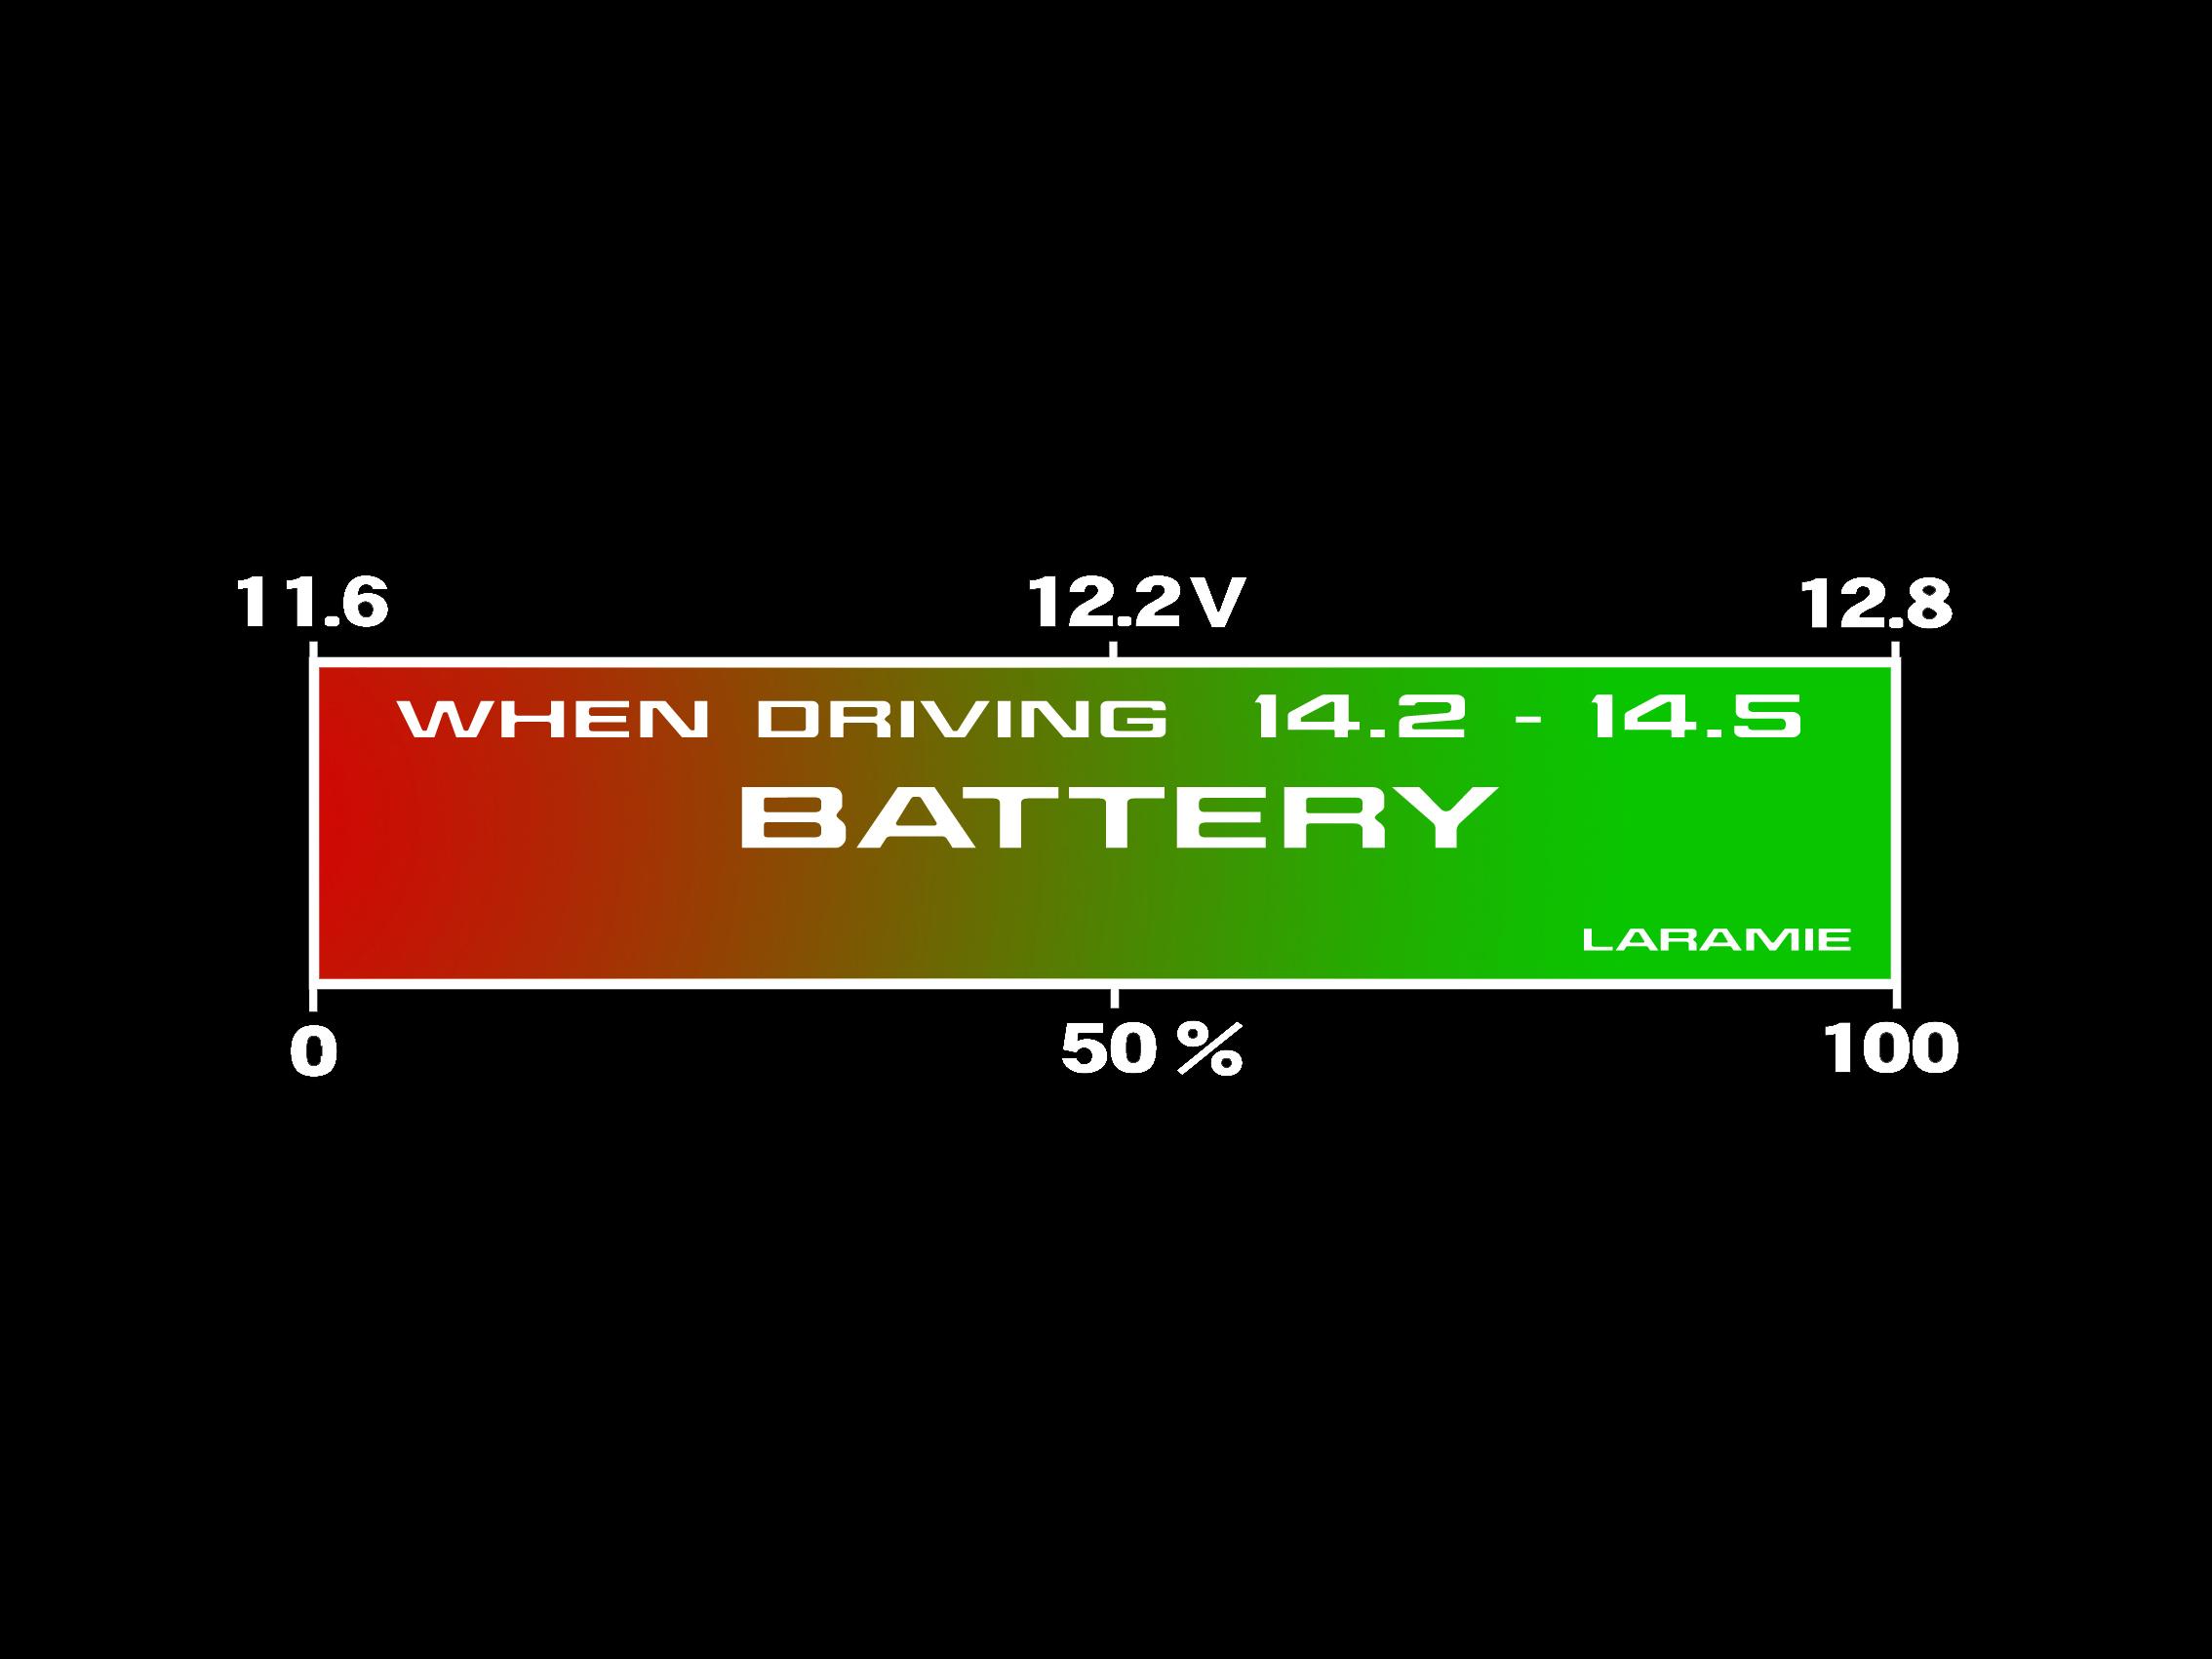 laramie-battery-3b.jpg